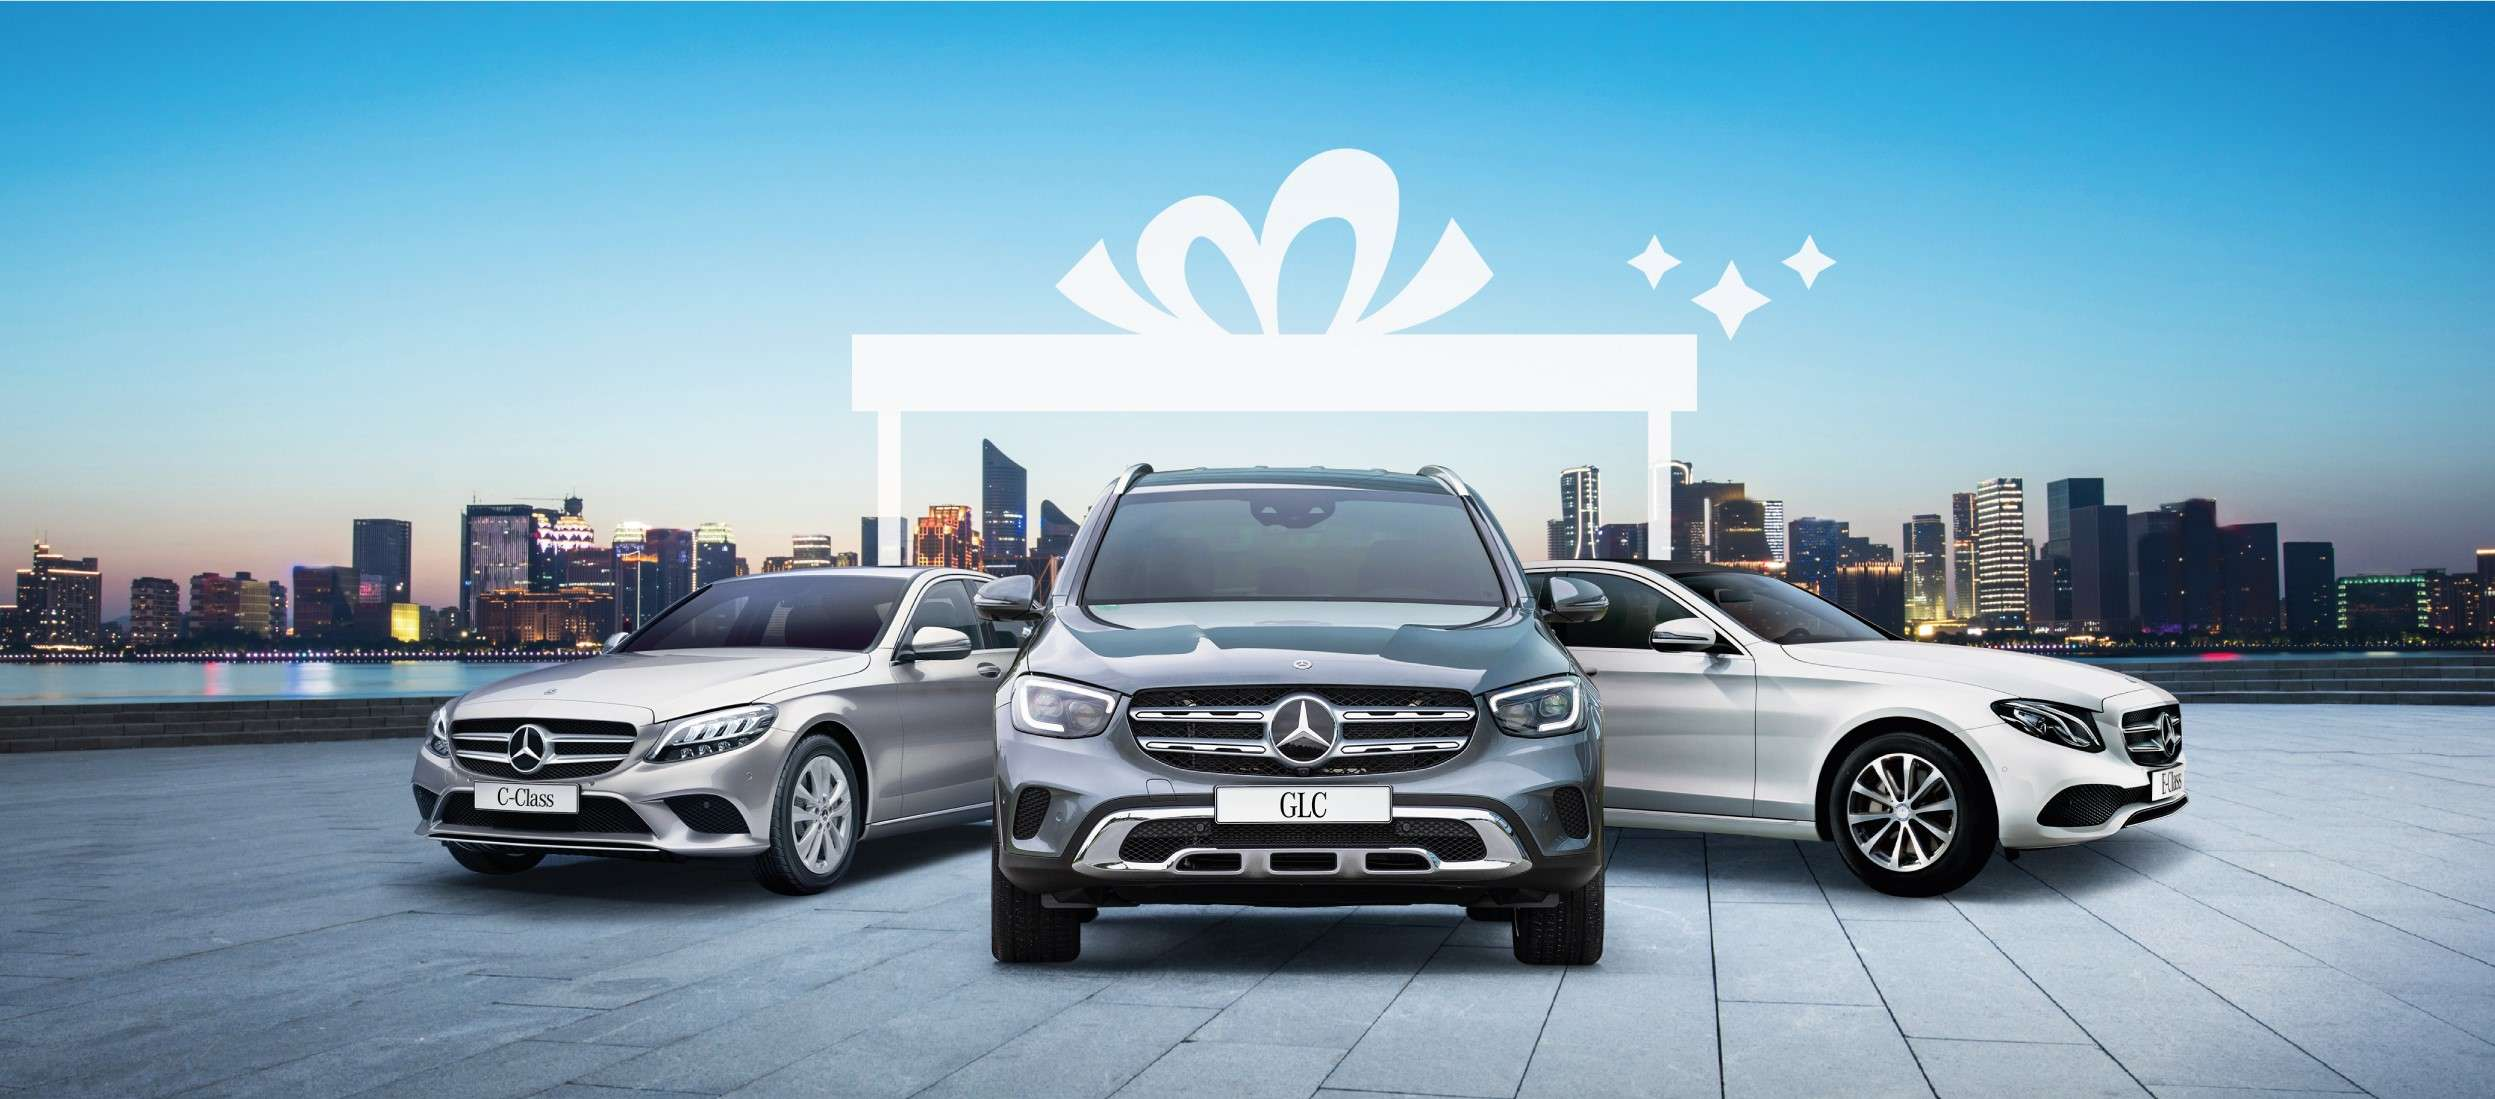 Mercedes Finance scheme: Mercedes Benz waives off 3 months EMI under  Wishbox 2.0 campaign, Auto News, ET Auto